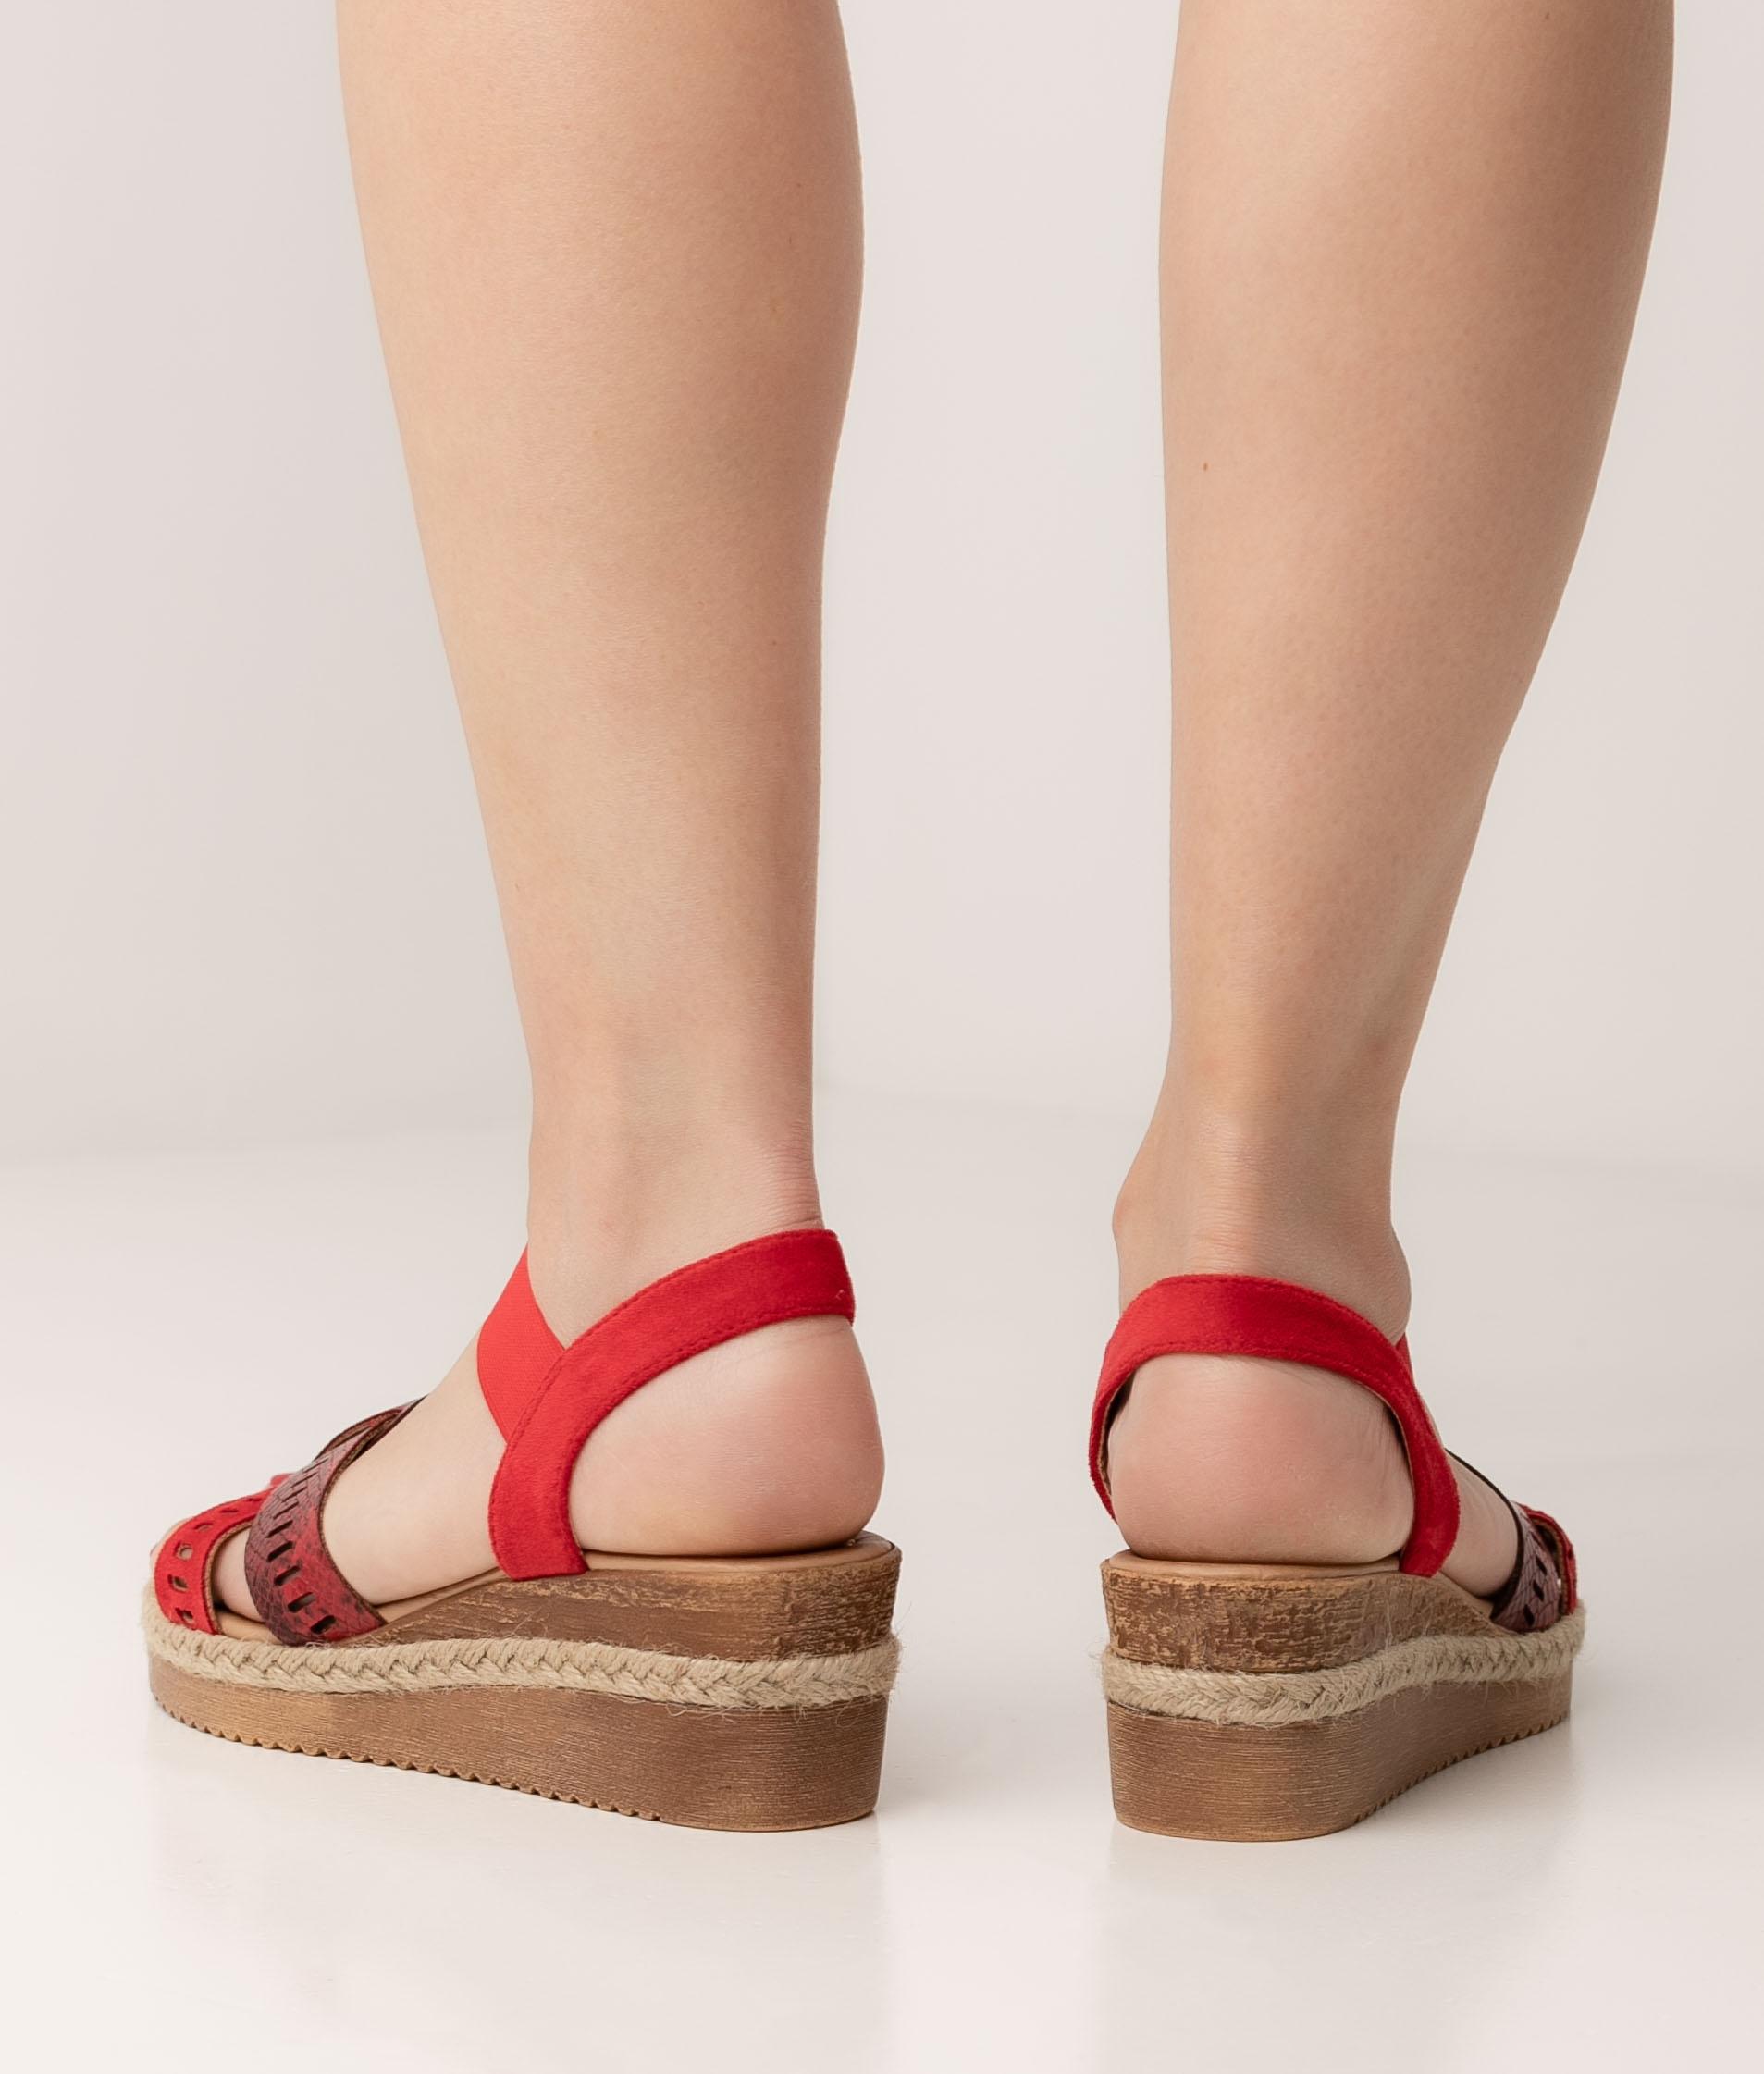 Wedge Heel Semper - Red